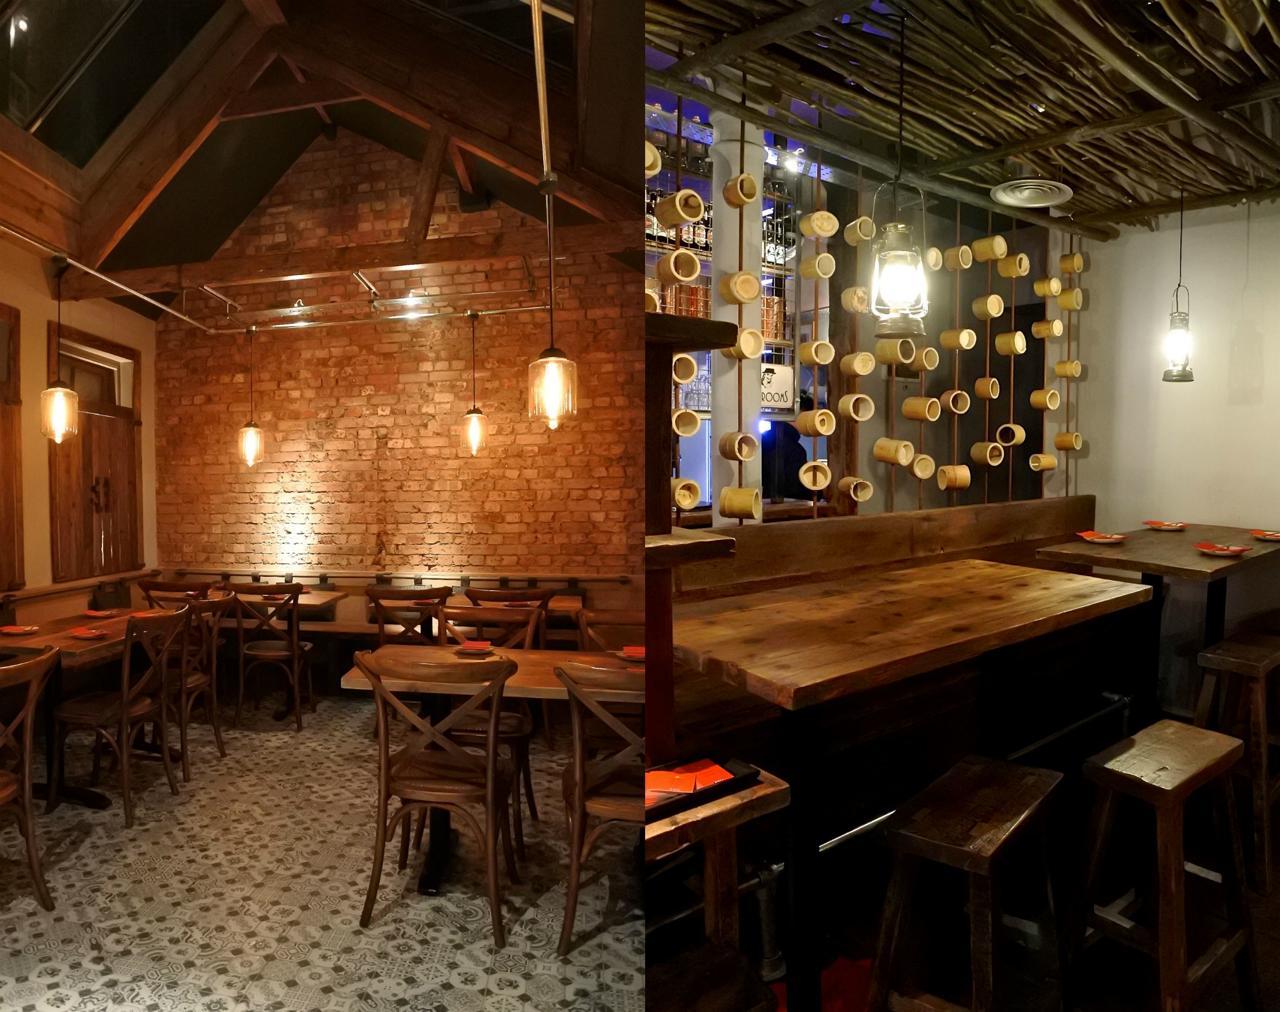 写真左は2階奥のスペース、右は1階席